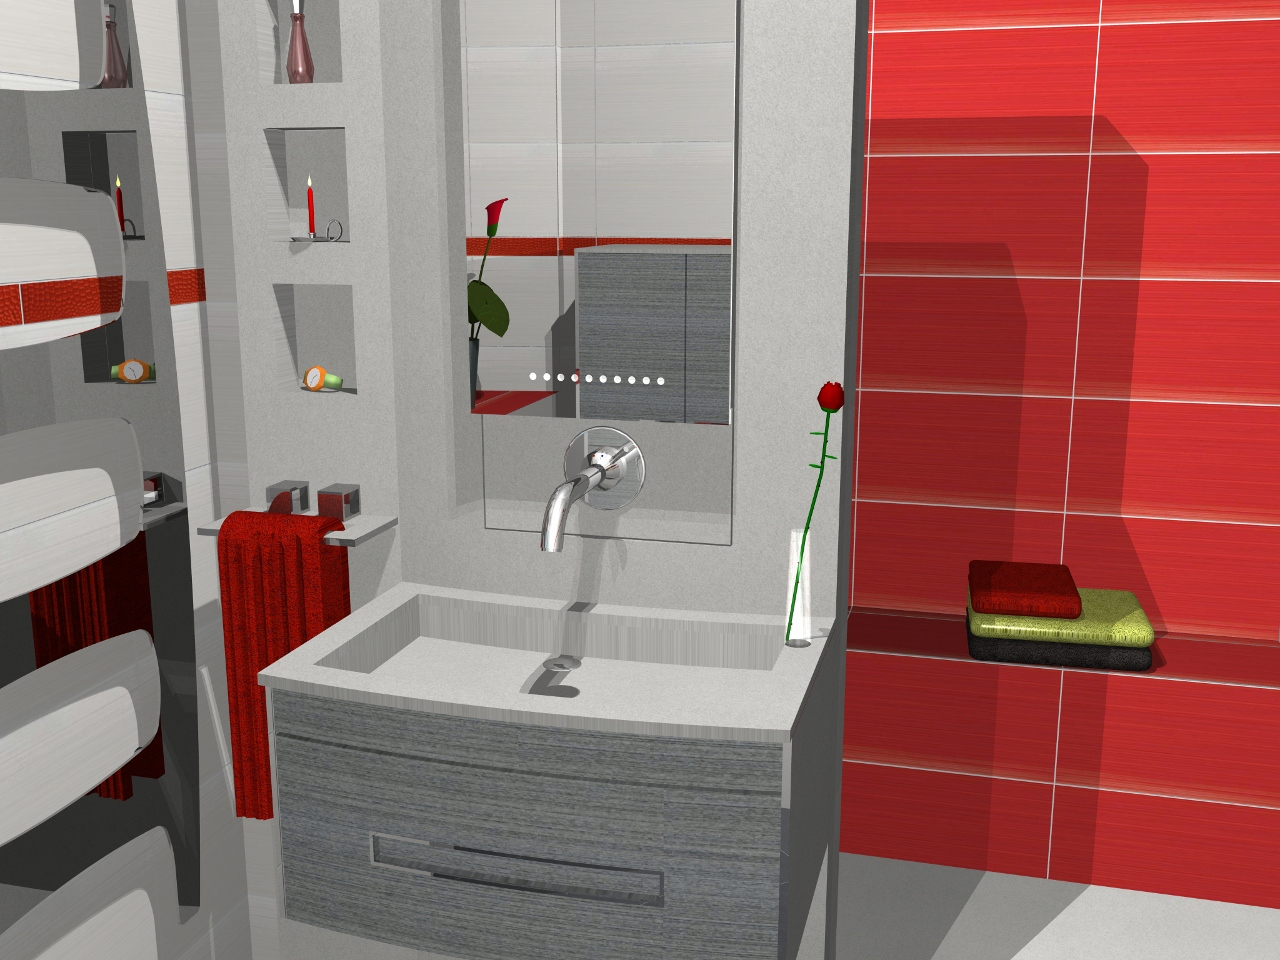 Espace bain agencement de salles de bain la troisi me - Salle de bain de 3m2 ...